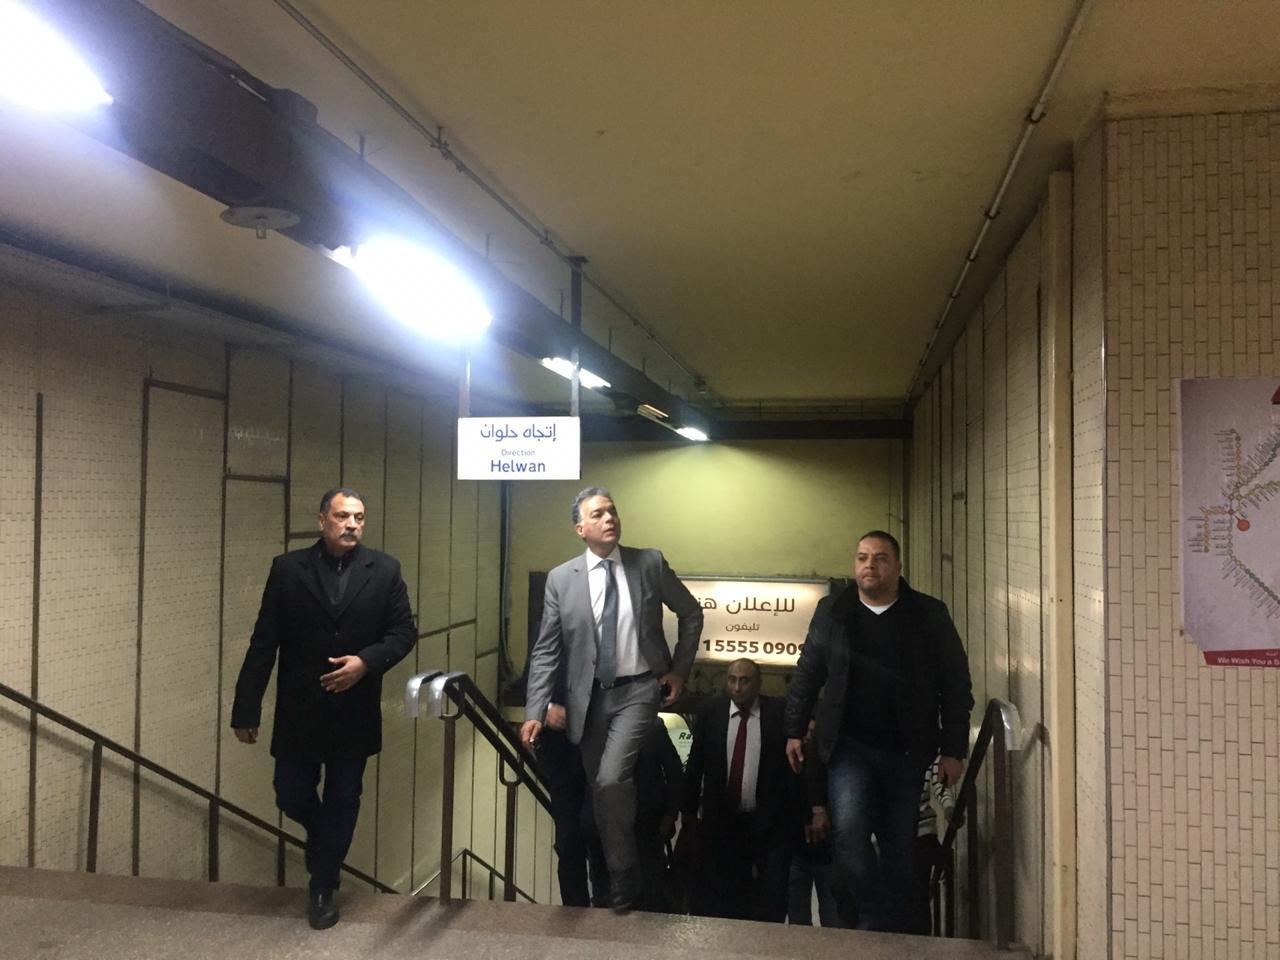 صور | جولة مفاجئة لوزير النقل في محطة مترو السادات